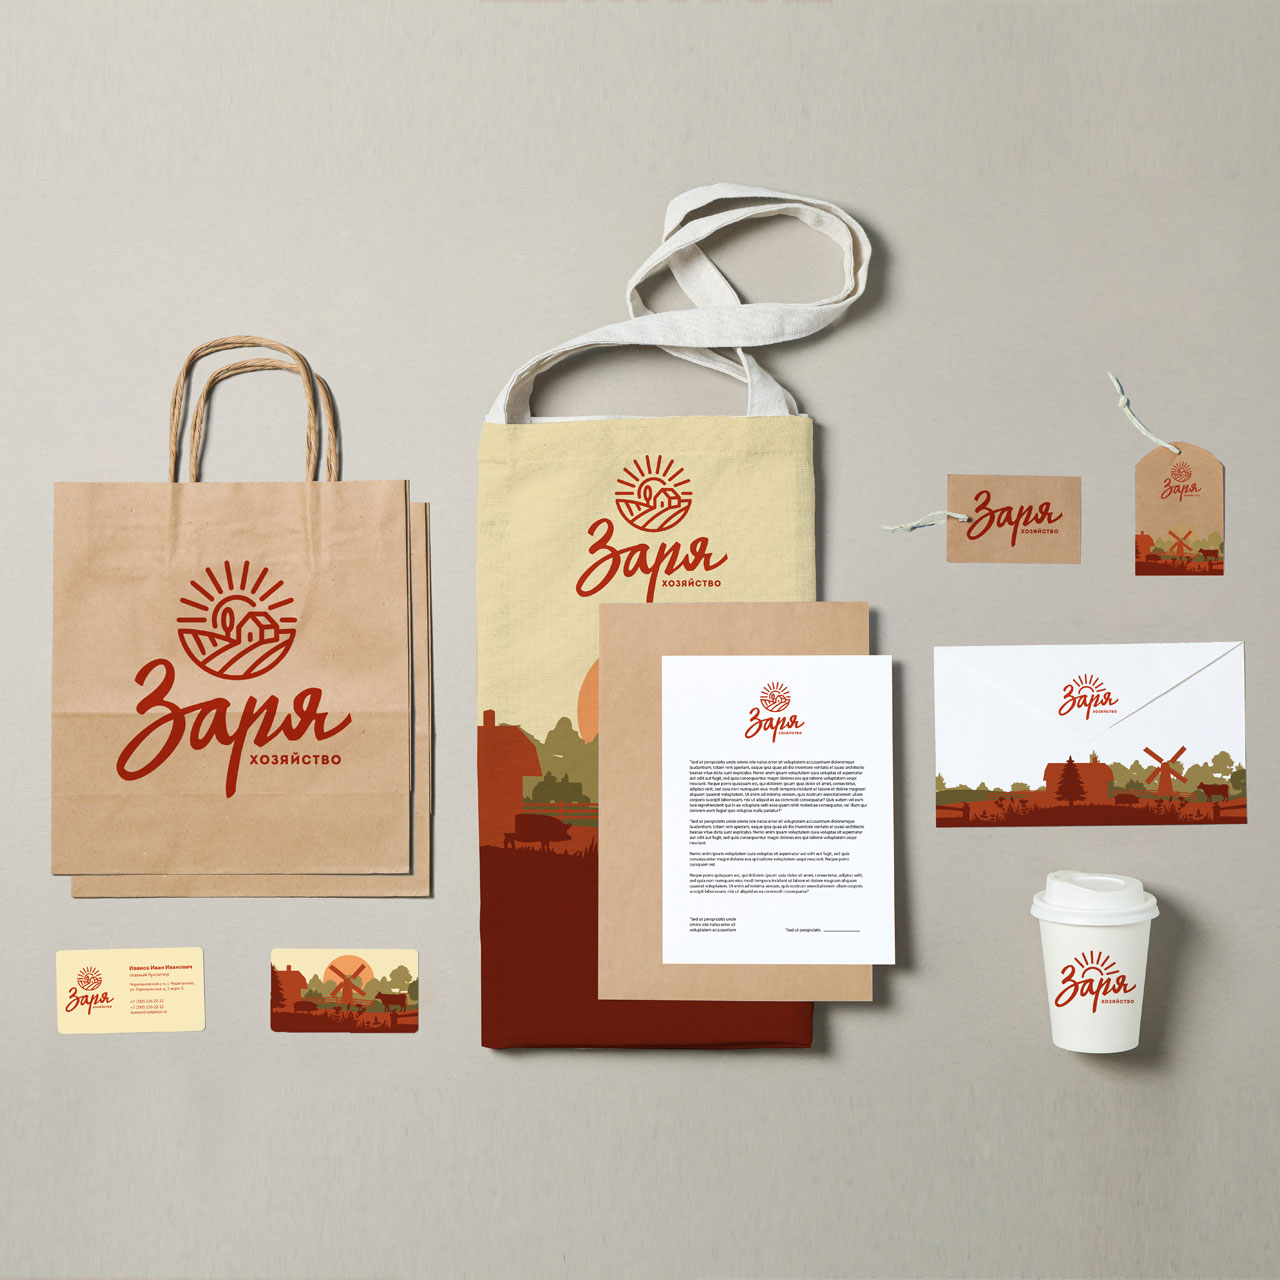 Логотип и фирменный стиль для хозяйства «Заря»